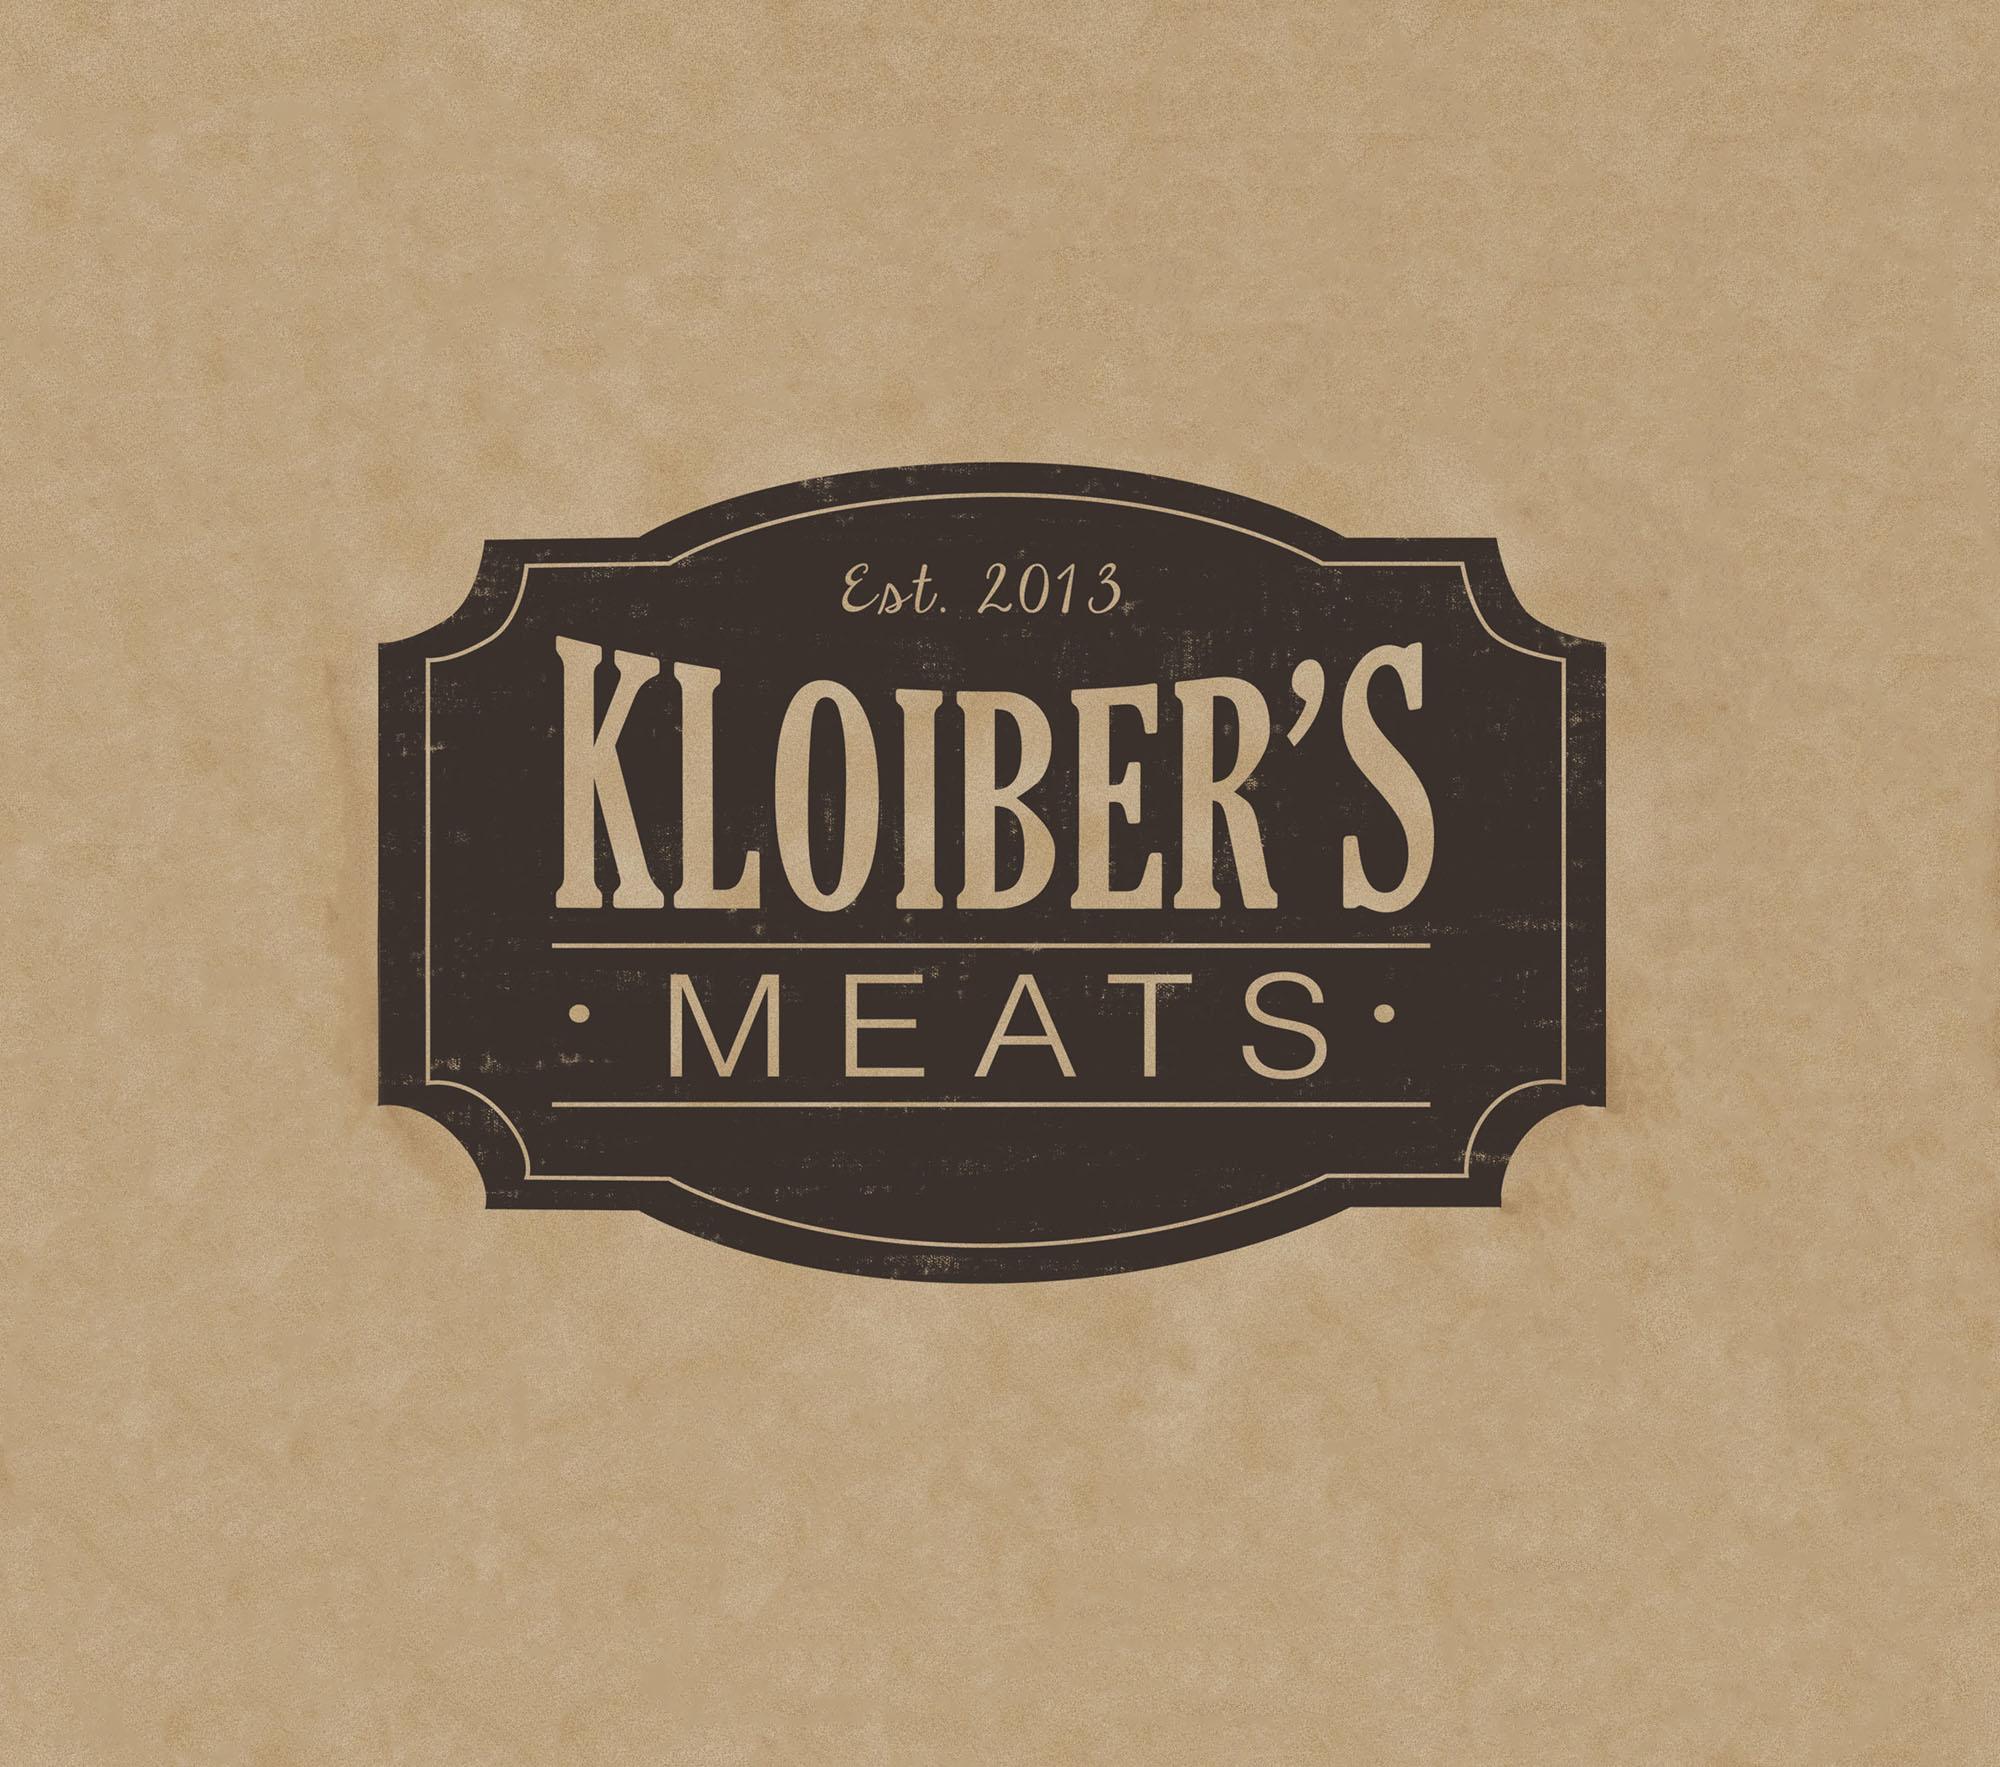 KLOIBER'S MEATS LOGO.jpg